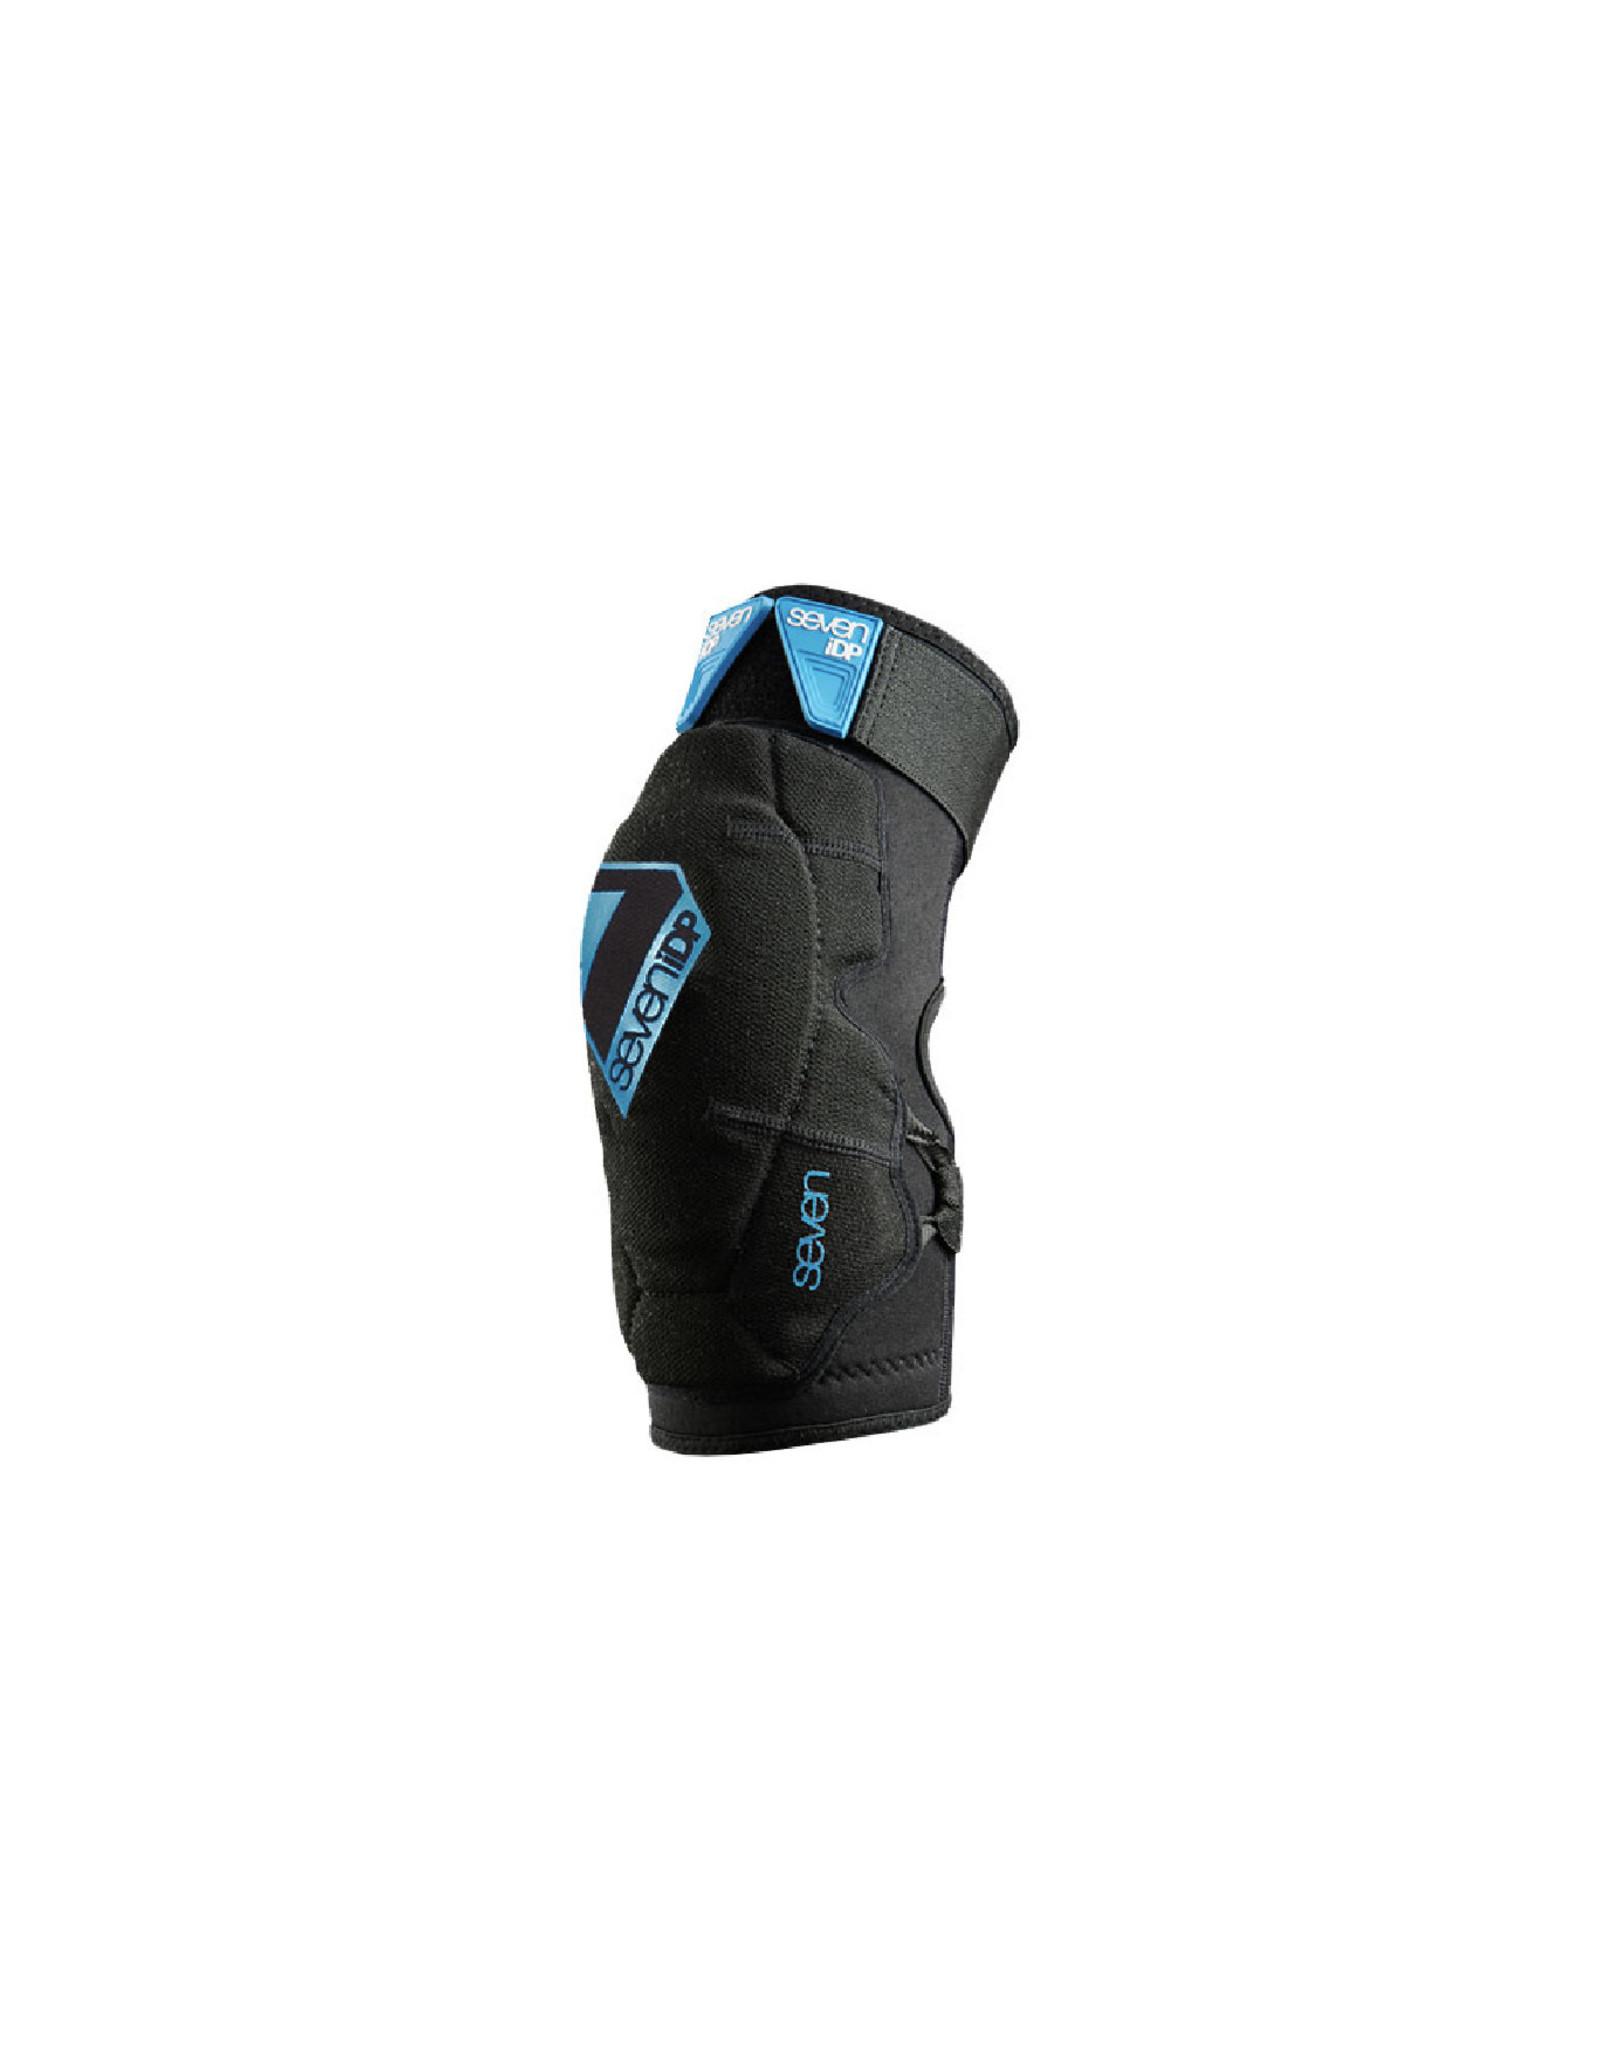 7iDP Flex Protège-coudes\avant-bras